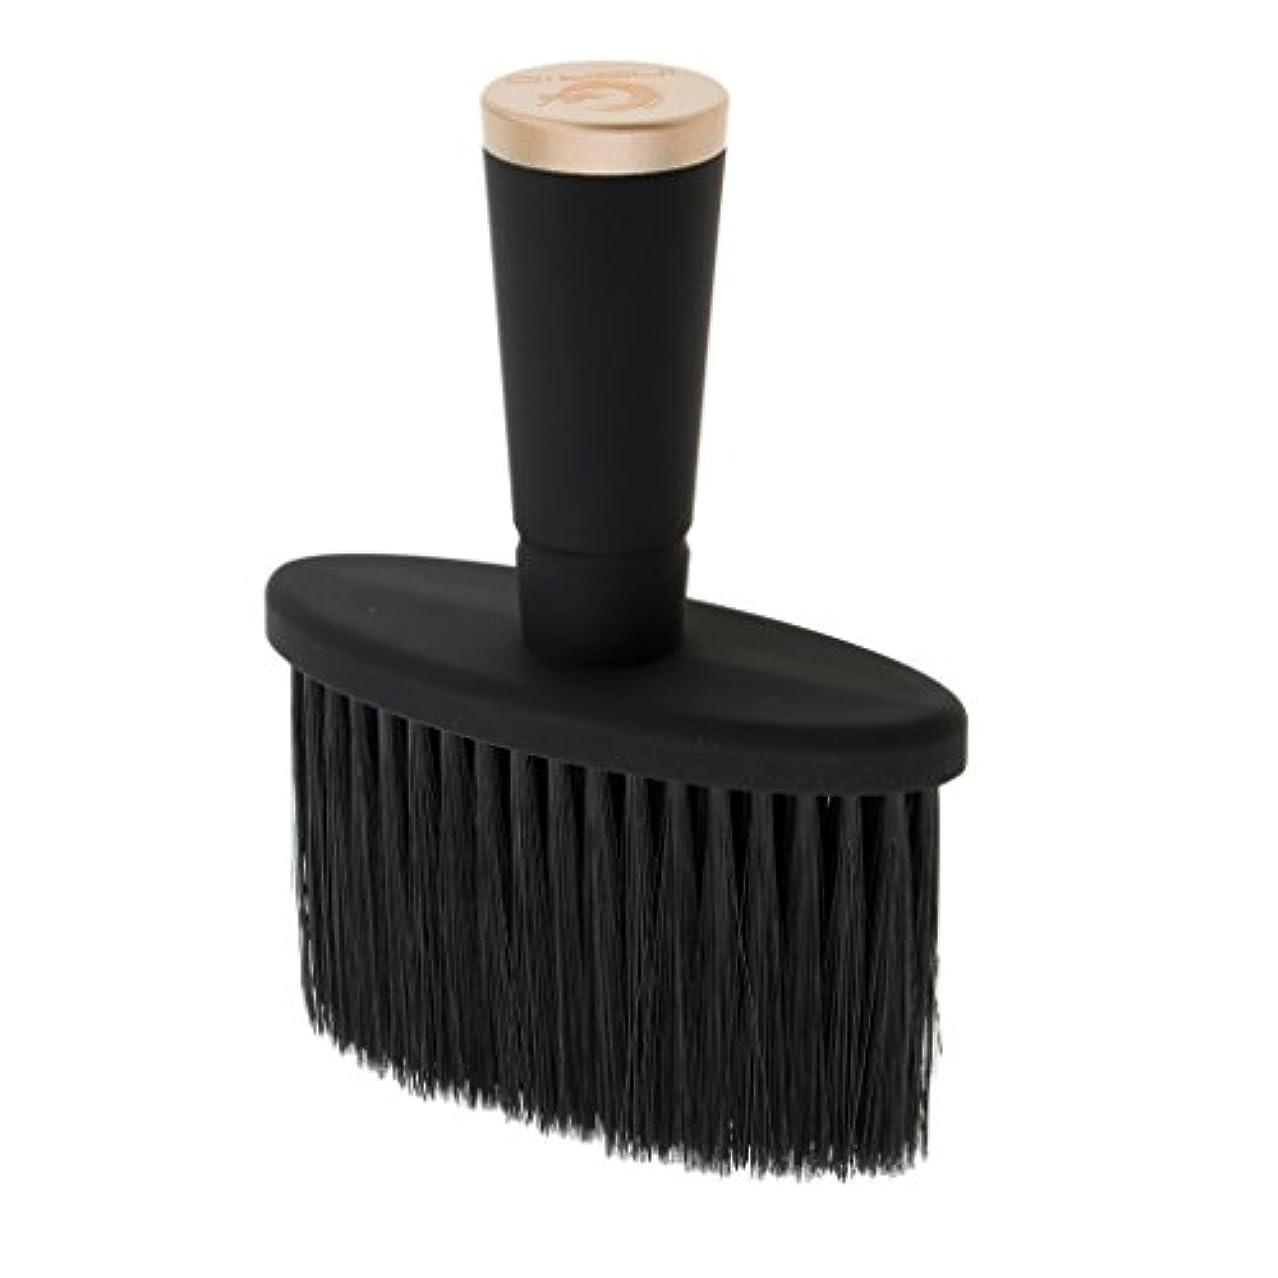 に向けて出発クランシー仲間Perfeclan ネックダスターブラシ ソフト ネックダスターブラシ サロン スタイリスト 理髪 メイクツール 全2色 - ゴールド